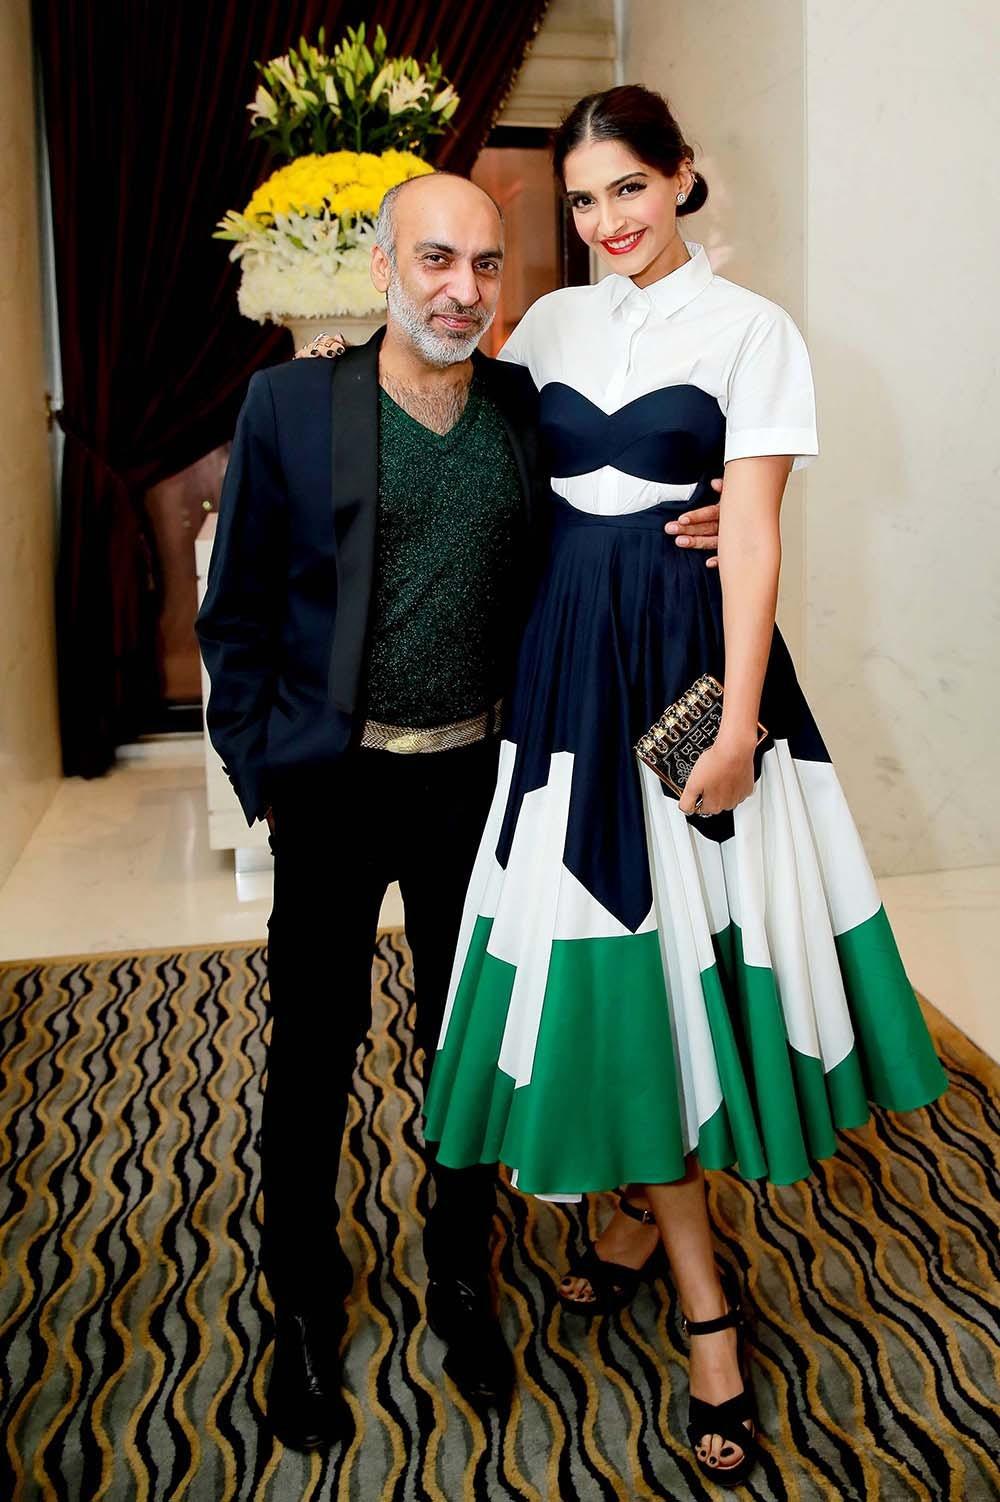 Manish Arora and Sonam Kapoor | Source: BoF